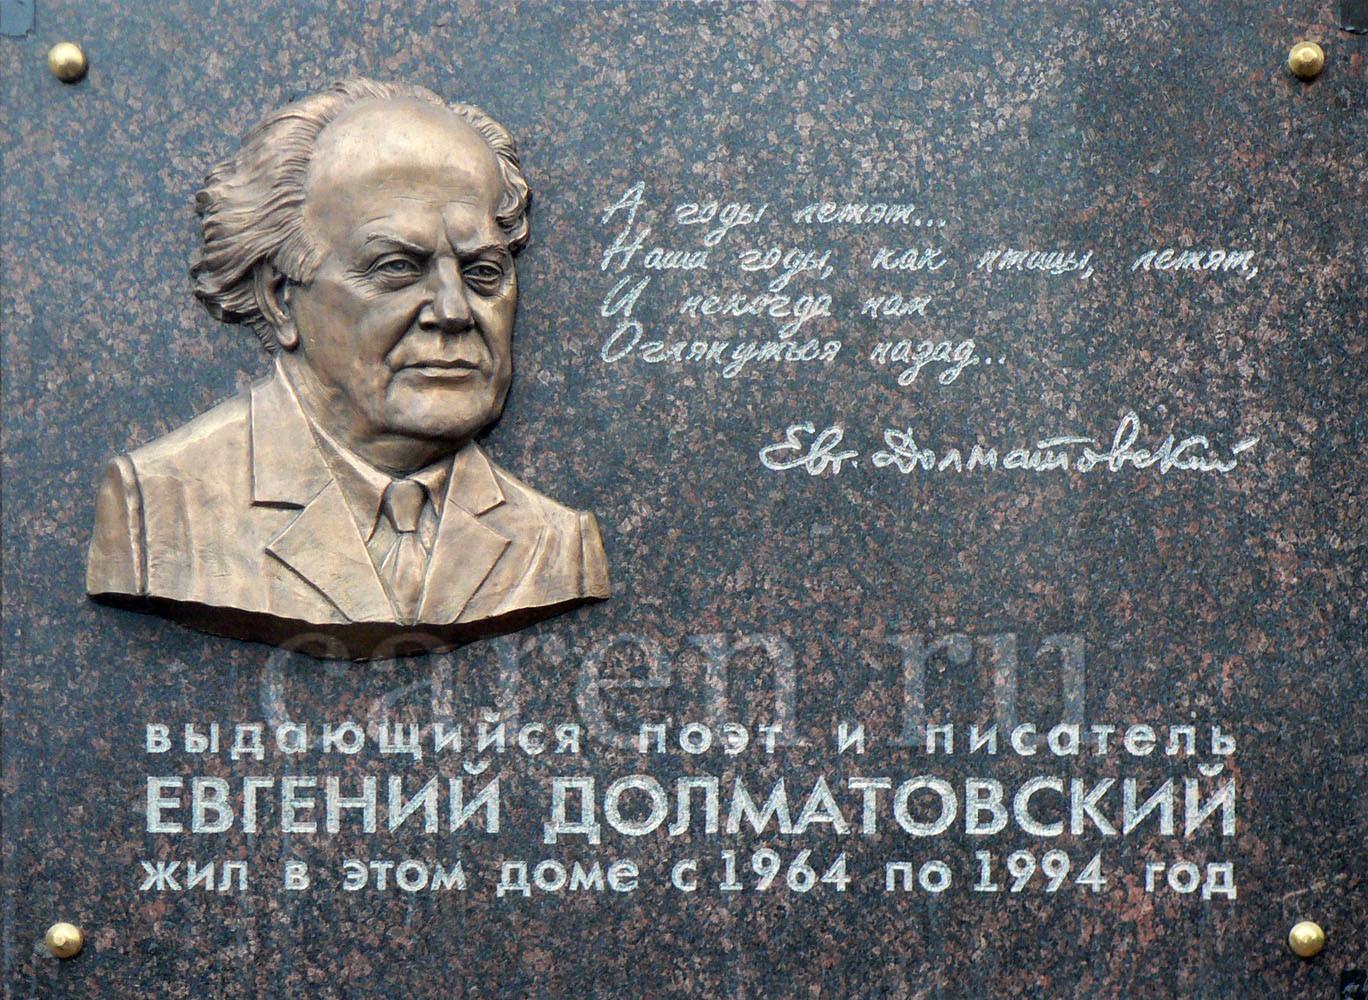 """Мемориальная доска """"Долматовский Евгений"""""""